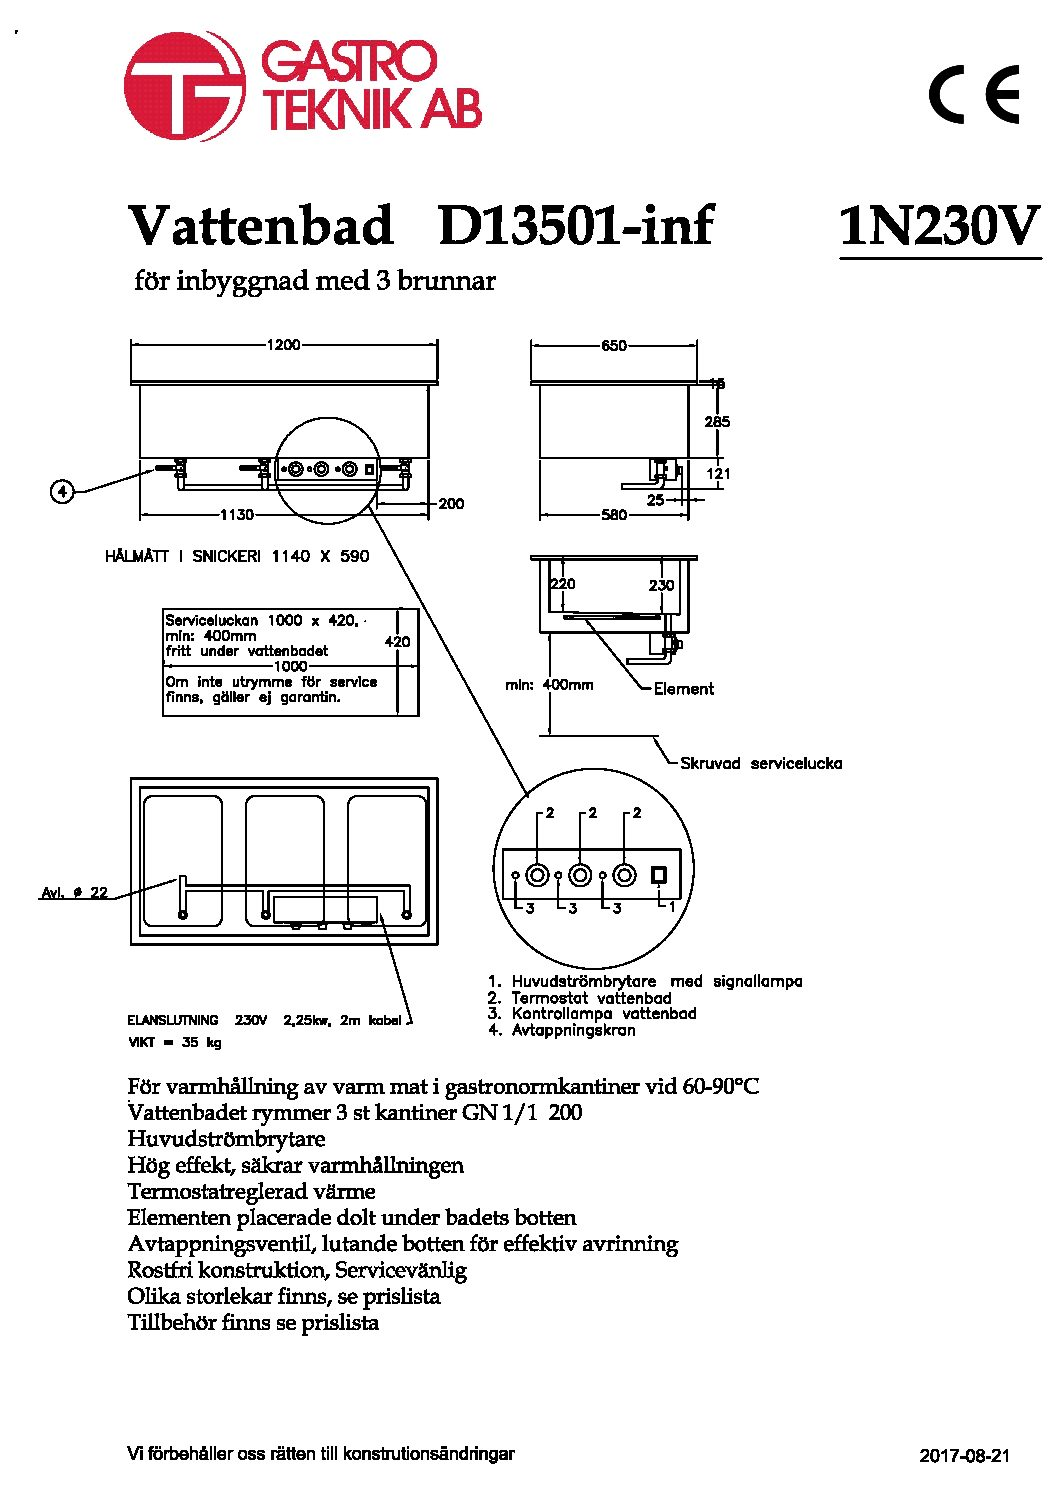 D13501-inf